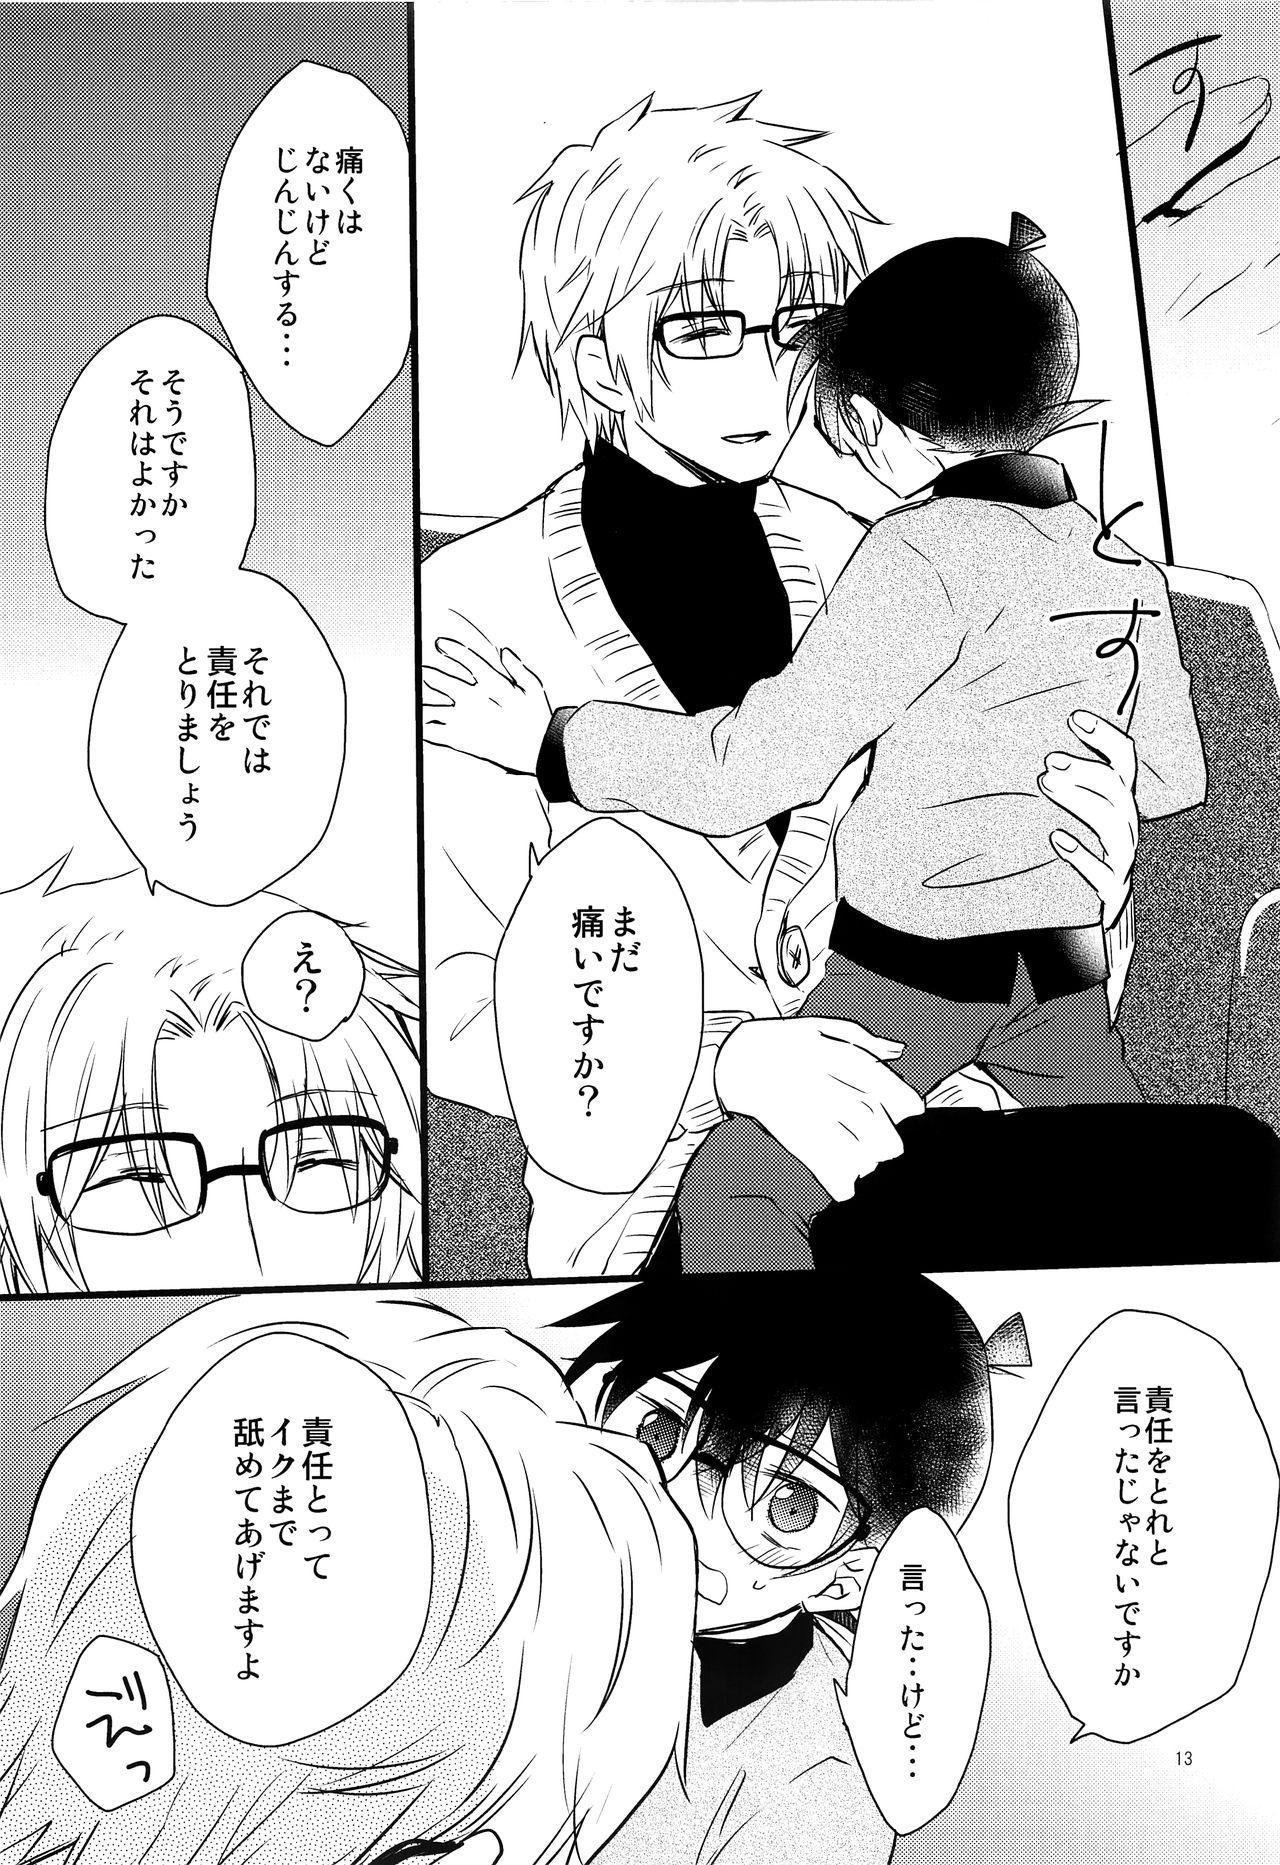 Conan-kun ga Chikubi Kaihatsu Sarechau Hon 11